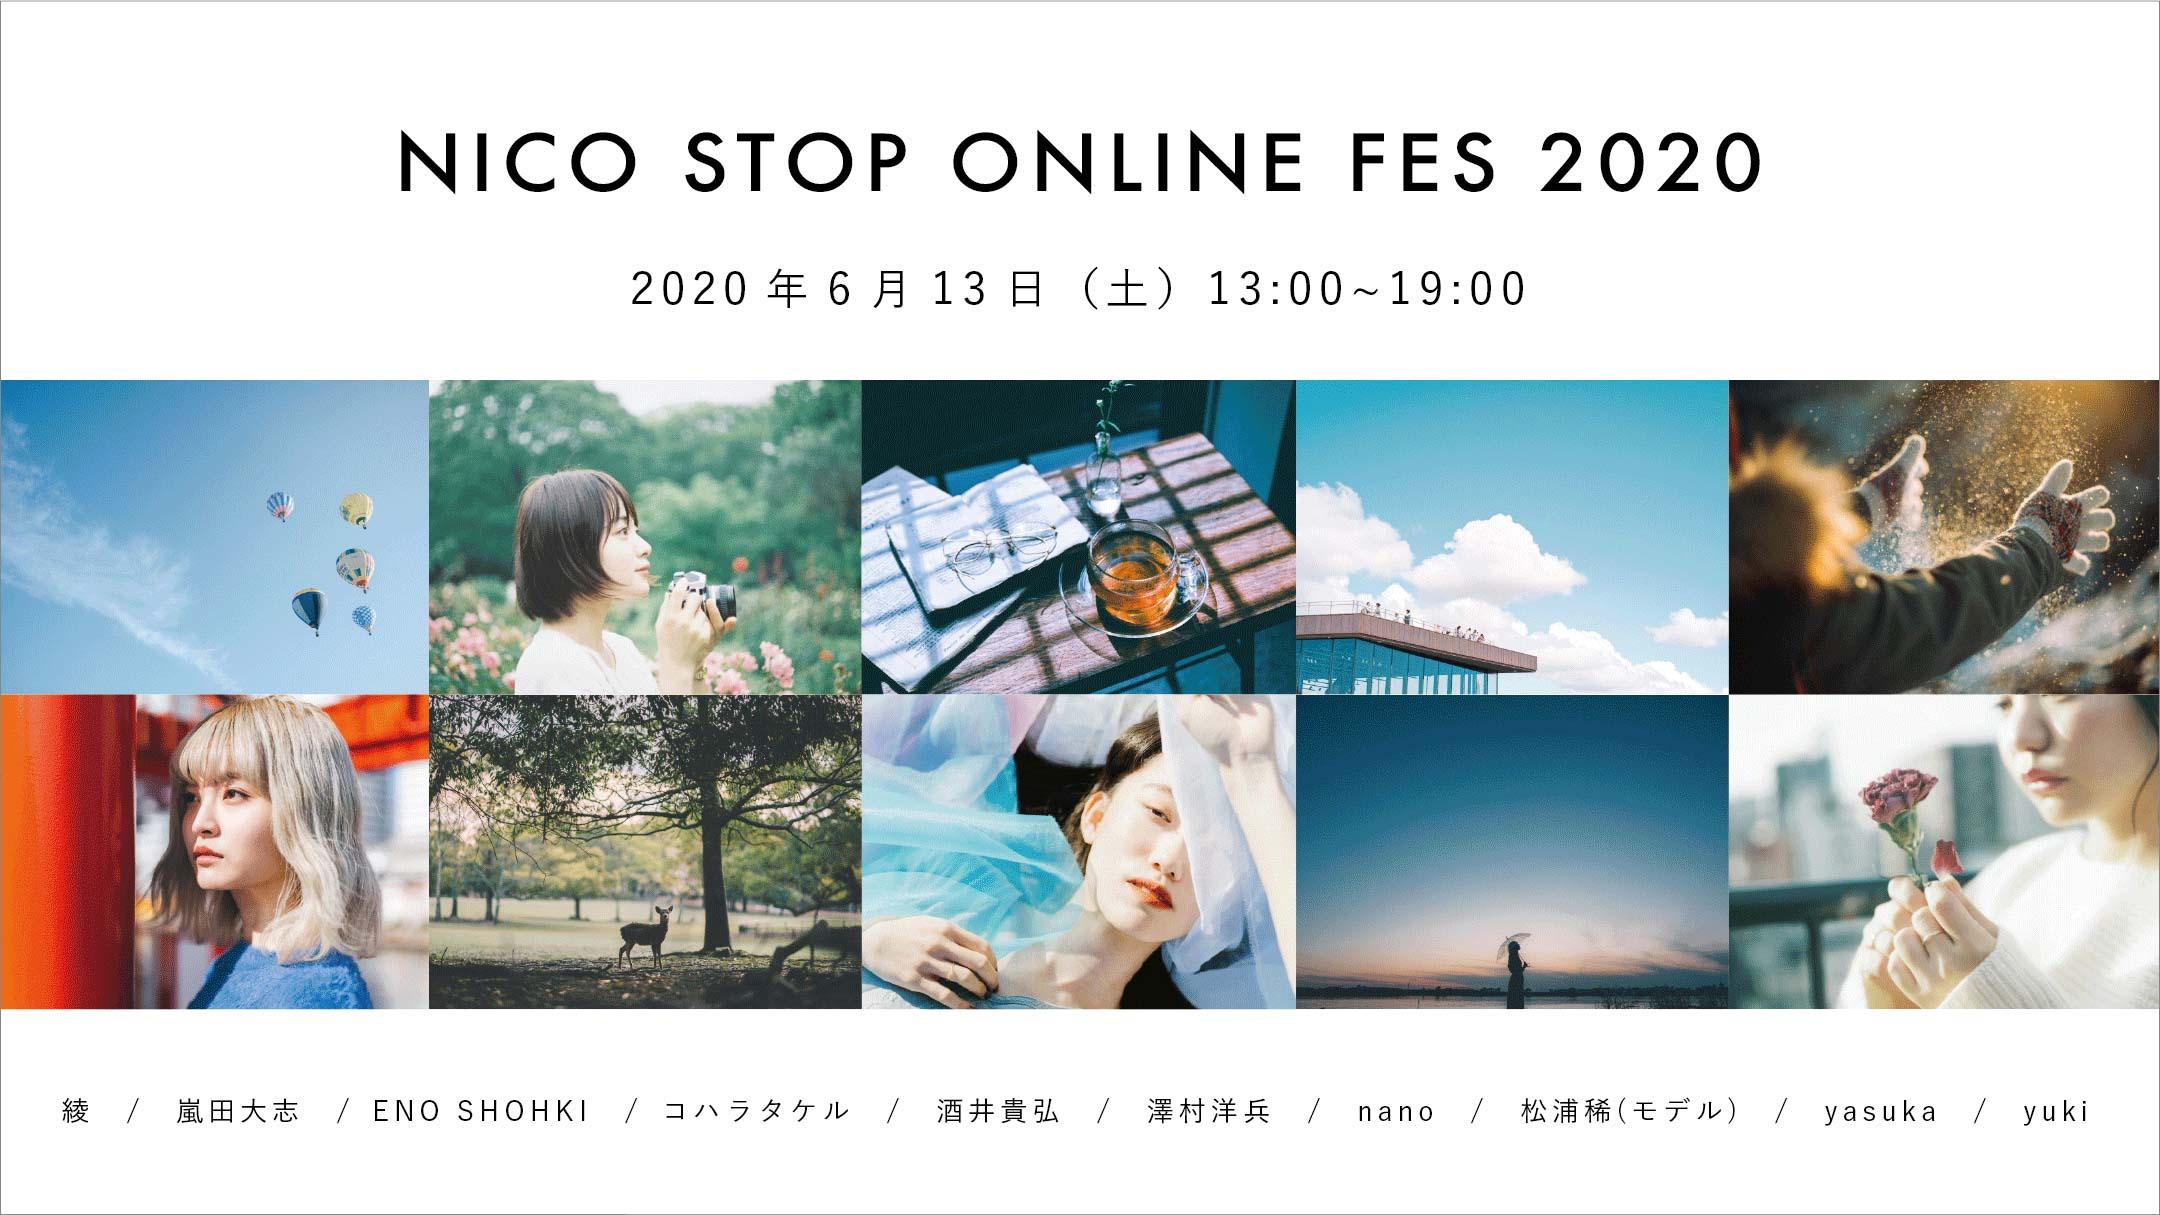 2020年の写真を振り返ろう!反響の大きかった記事ランキングTOP10